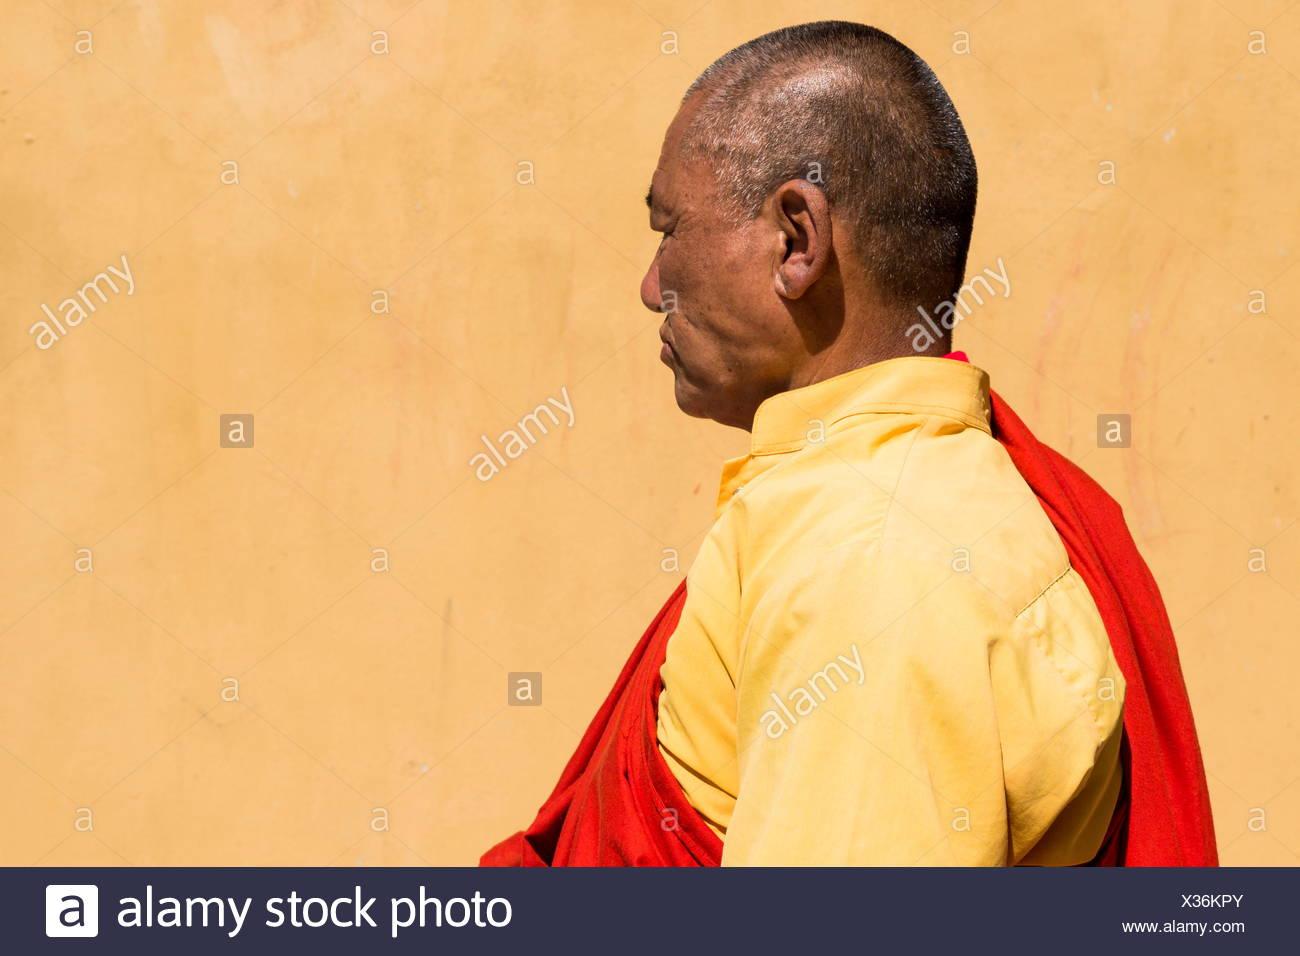 Profil-Schuss von einem Mönch in Bhutan. Stockbild